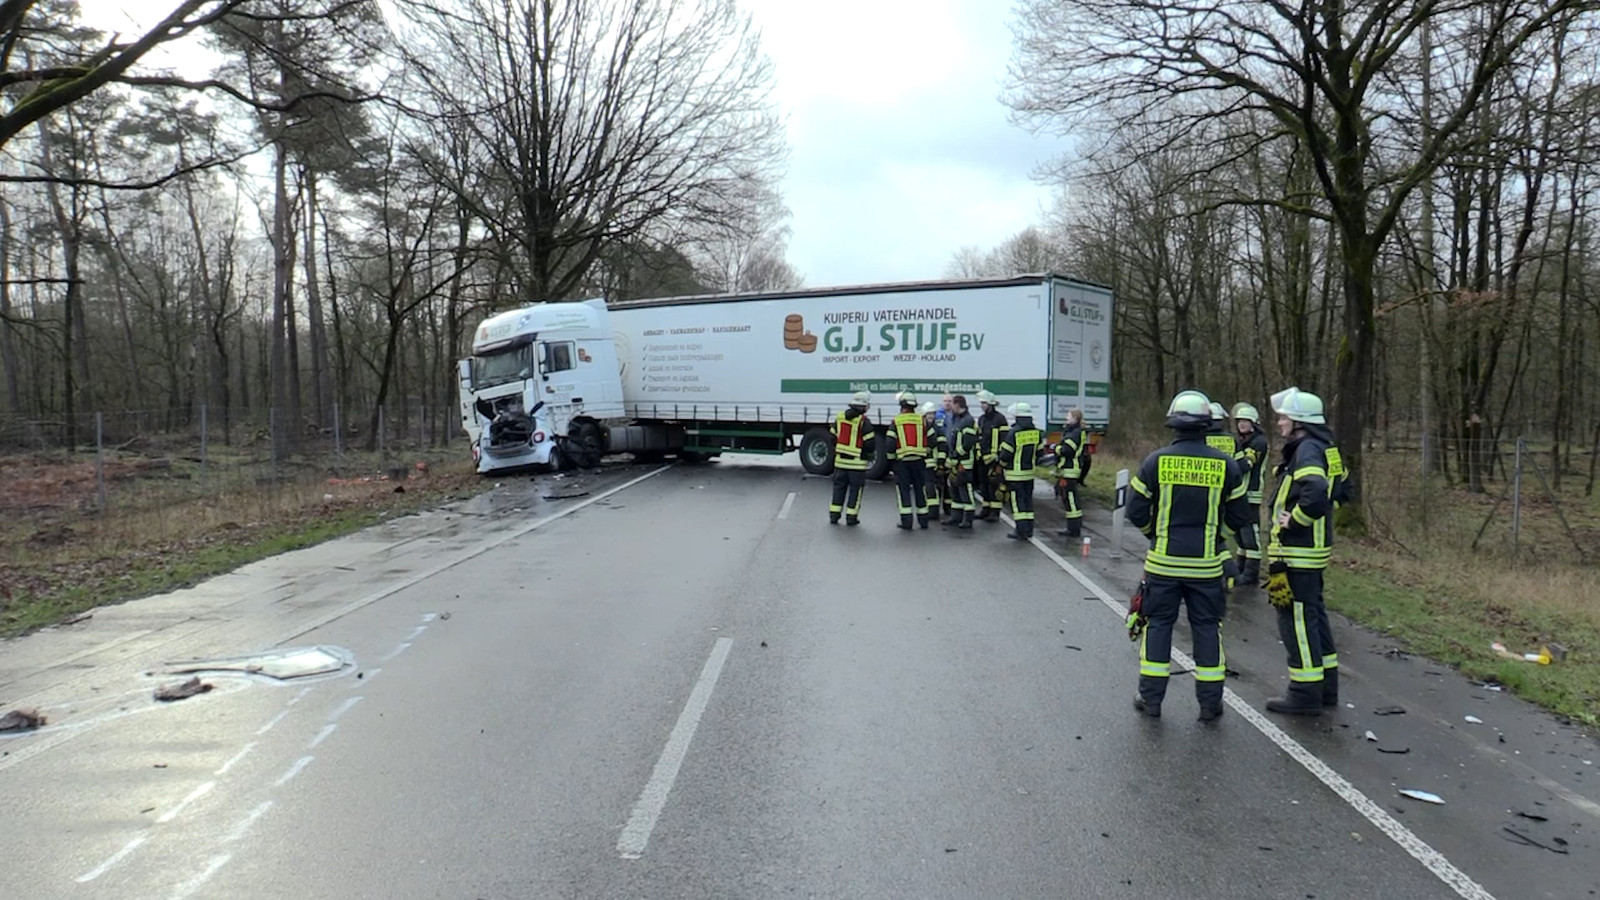 De hulpdiensten kwamen na het ongeluk massaal ter plaatse. De weg was bijna zeven uur dicht voor hulpverlening, onderzoek en bergingswerkzaamheden.